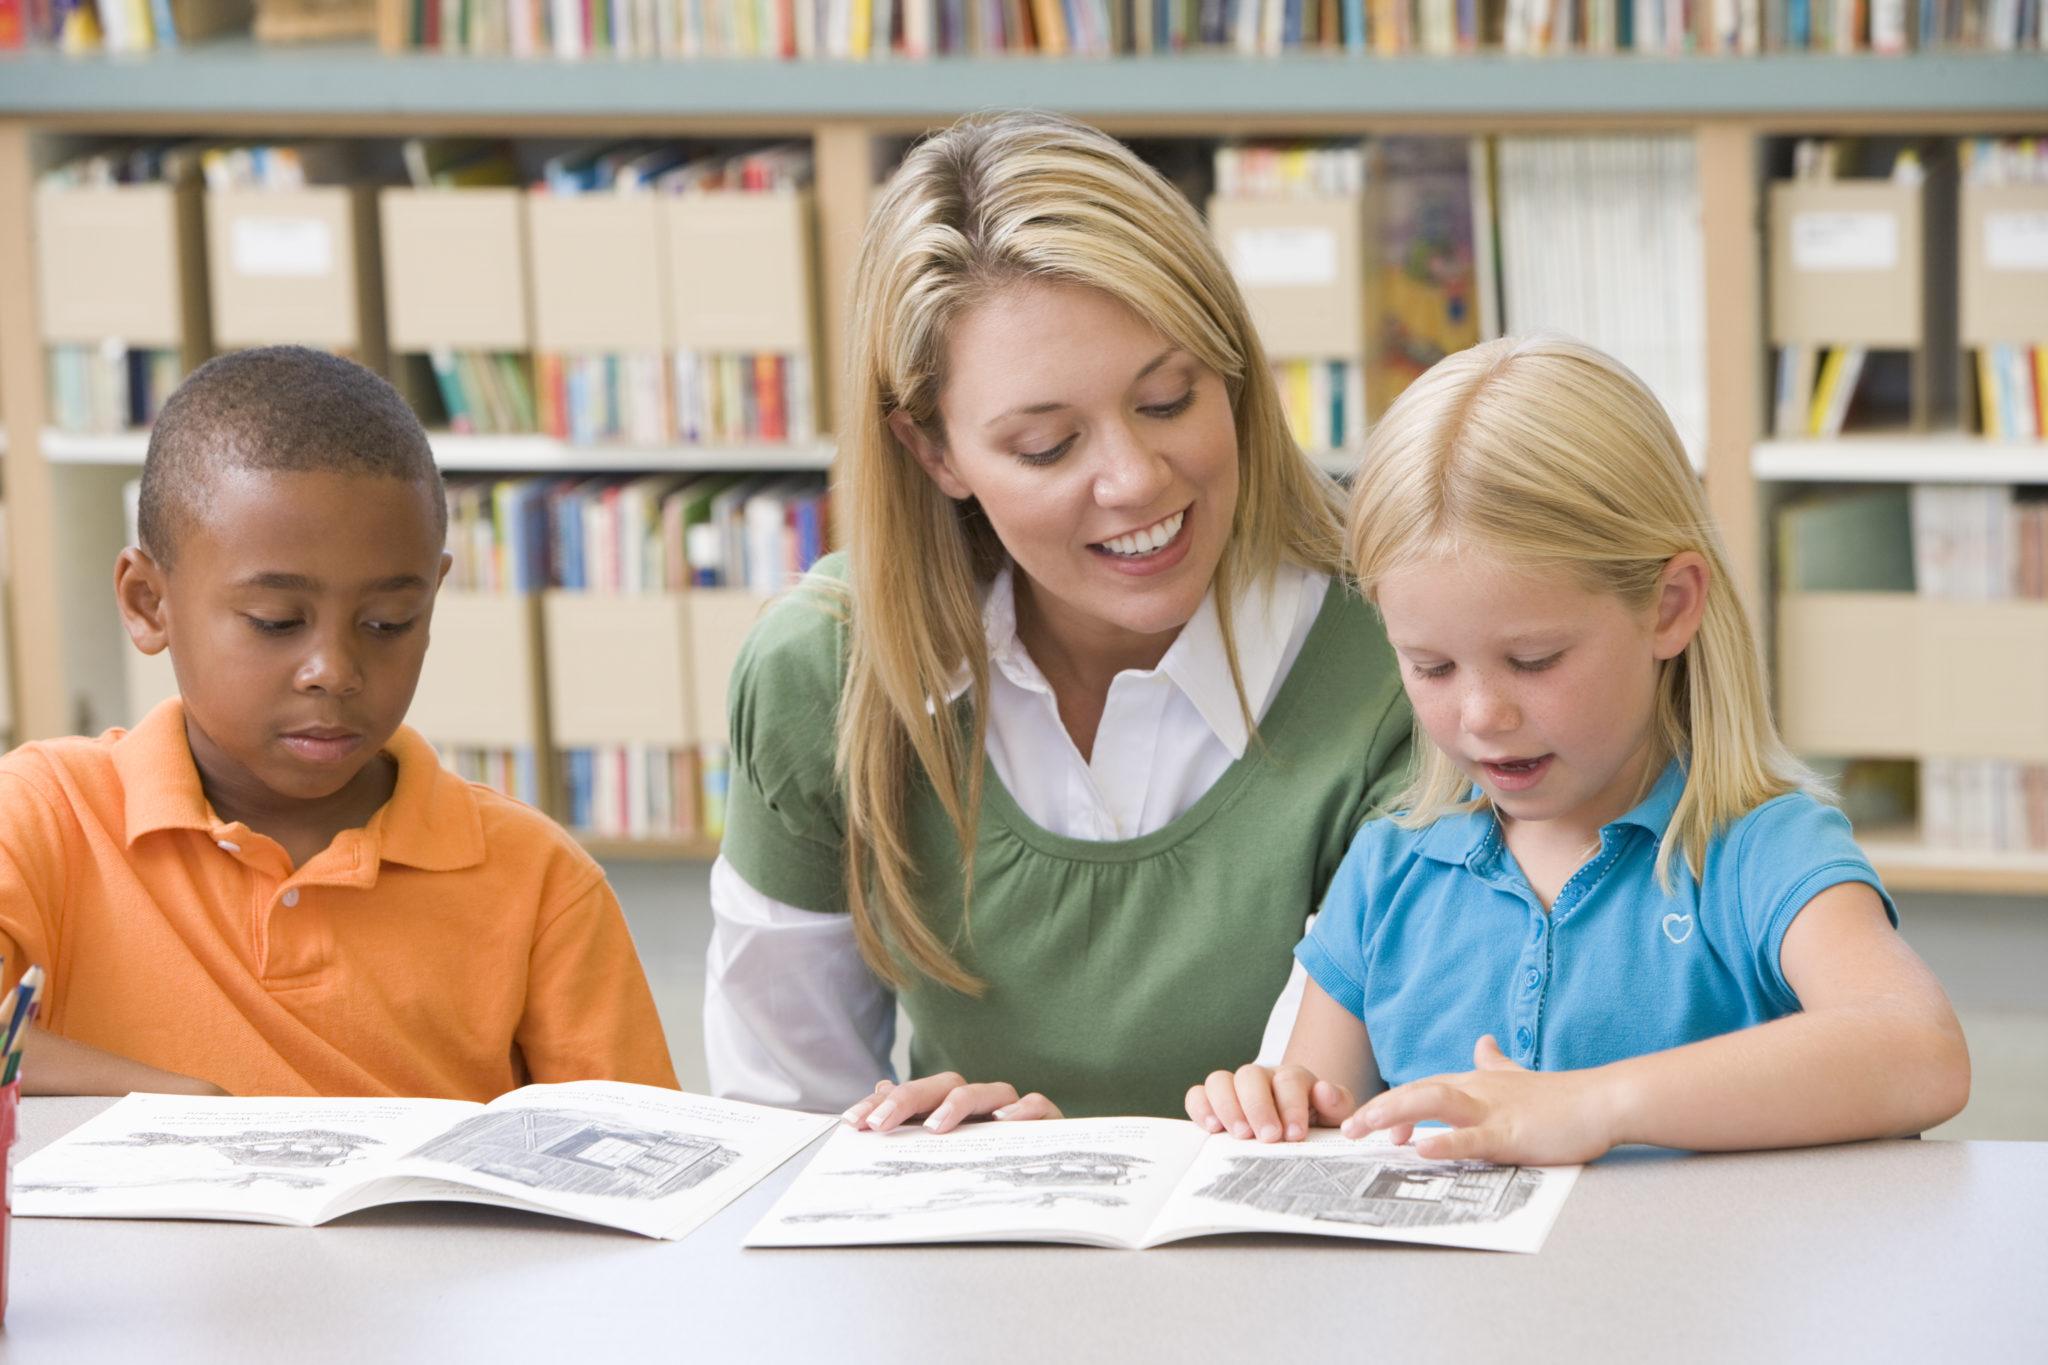 Traemos una nueva Vacante para Maestro de Educación Infantil, descubre este nuevo Empleo de profesor. Vacante de Profesor de Educación Infantil - CVExpres